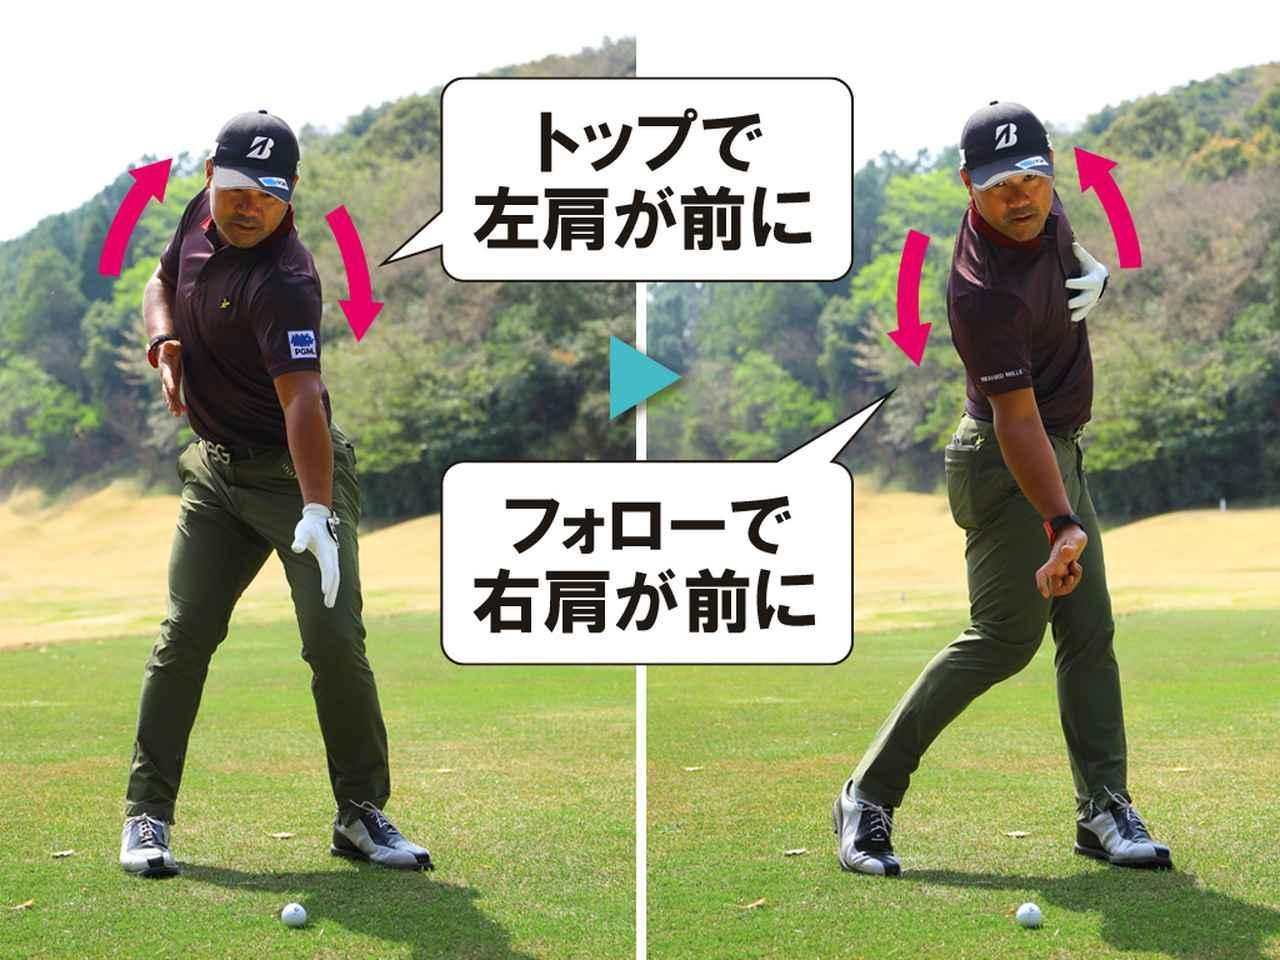 画像: どちらか片方のわき腹を「締めすぎる」と、上体が過度に傾いて、バランスが崩れる。両足の幅の中で、腰と上体を一緒に回し、肩を入れ替える